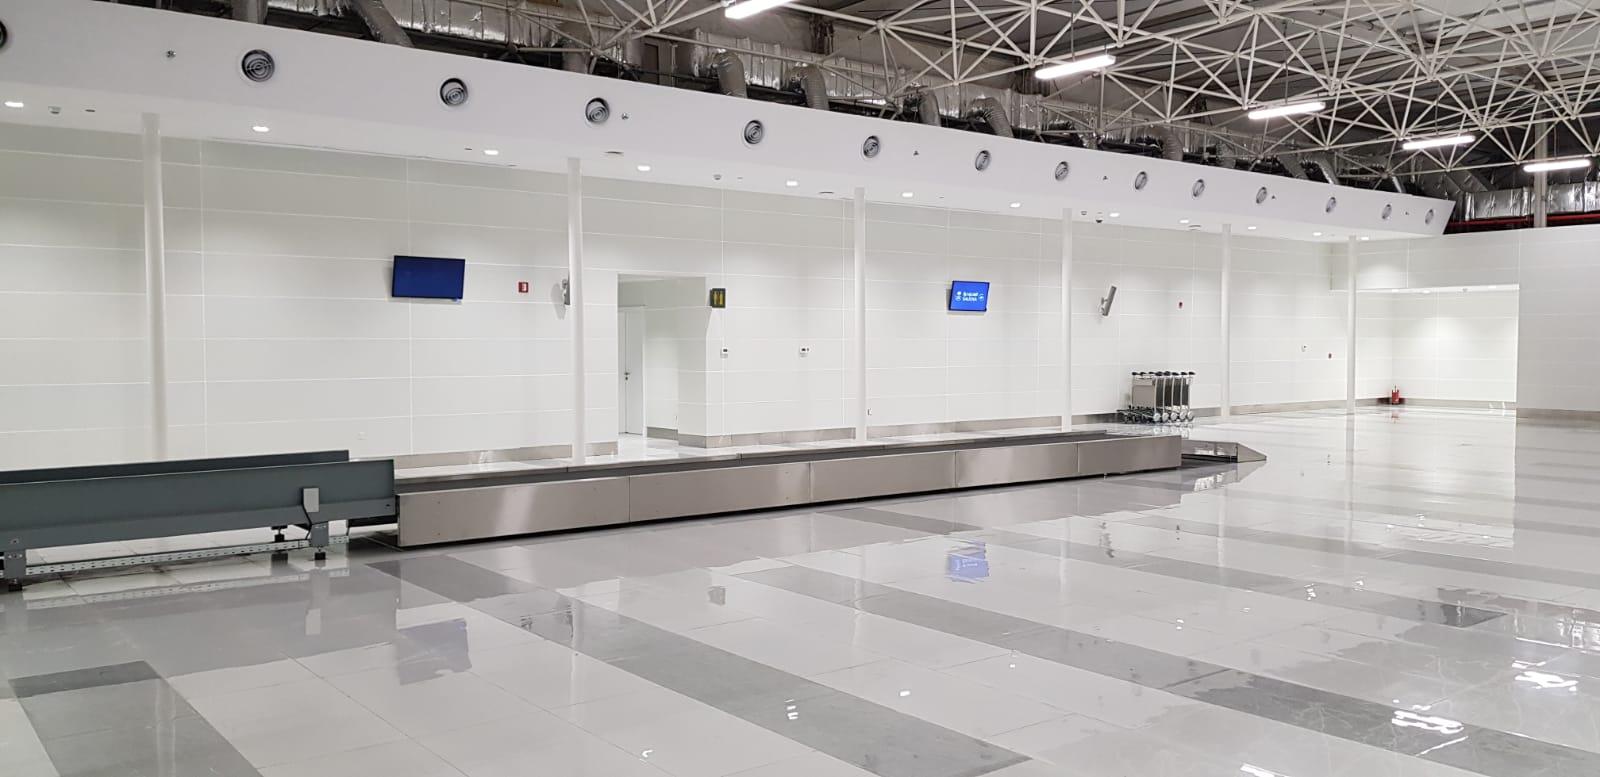 الطيران المدني يعلن افتتاح مطار خليج نيوم   صحيفة الاقتصادية